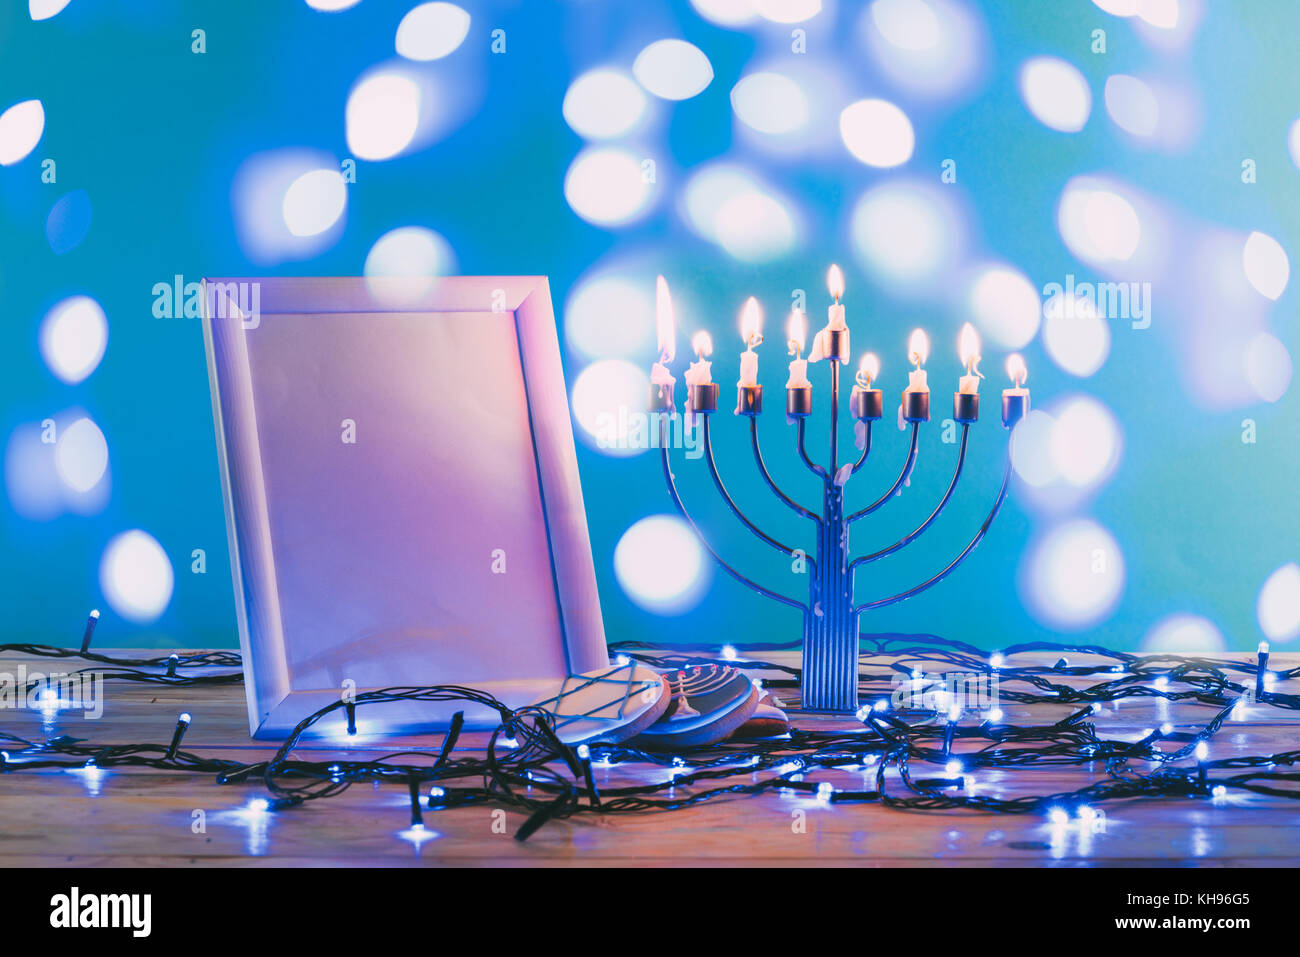 hanukkah holiday Stock Photo